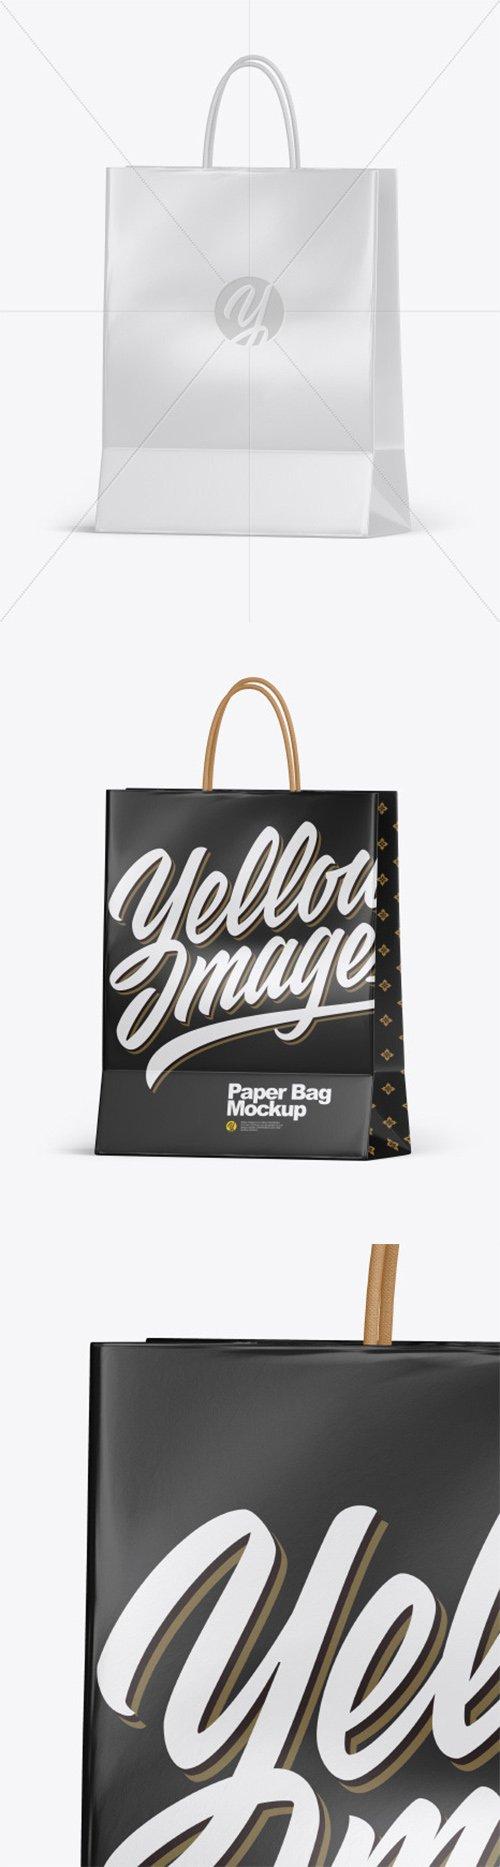 Glossy Shopping Bag w/ Rope Handles Mockup 55643 TIF